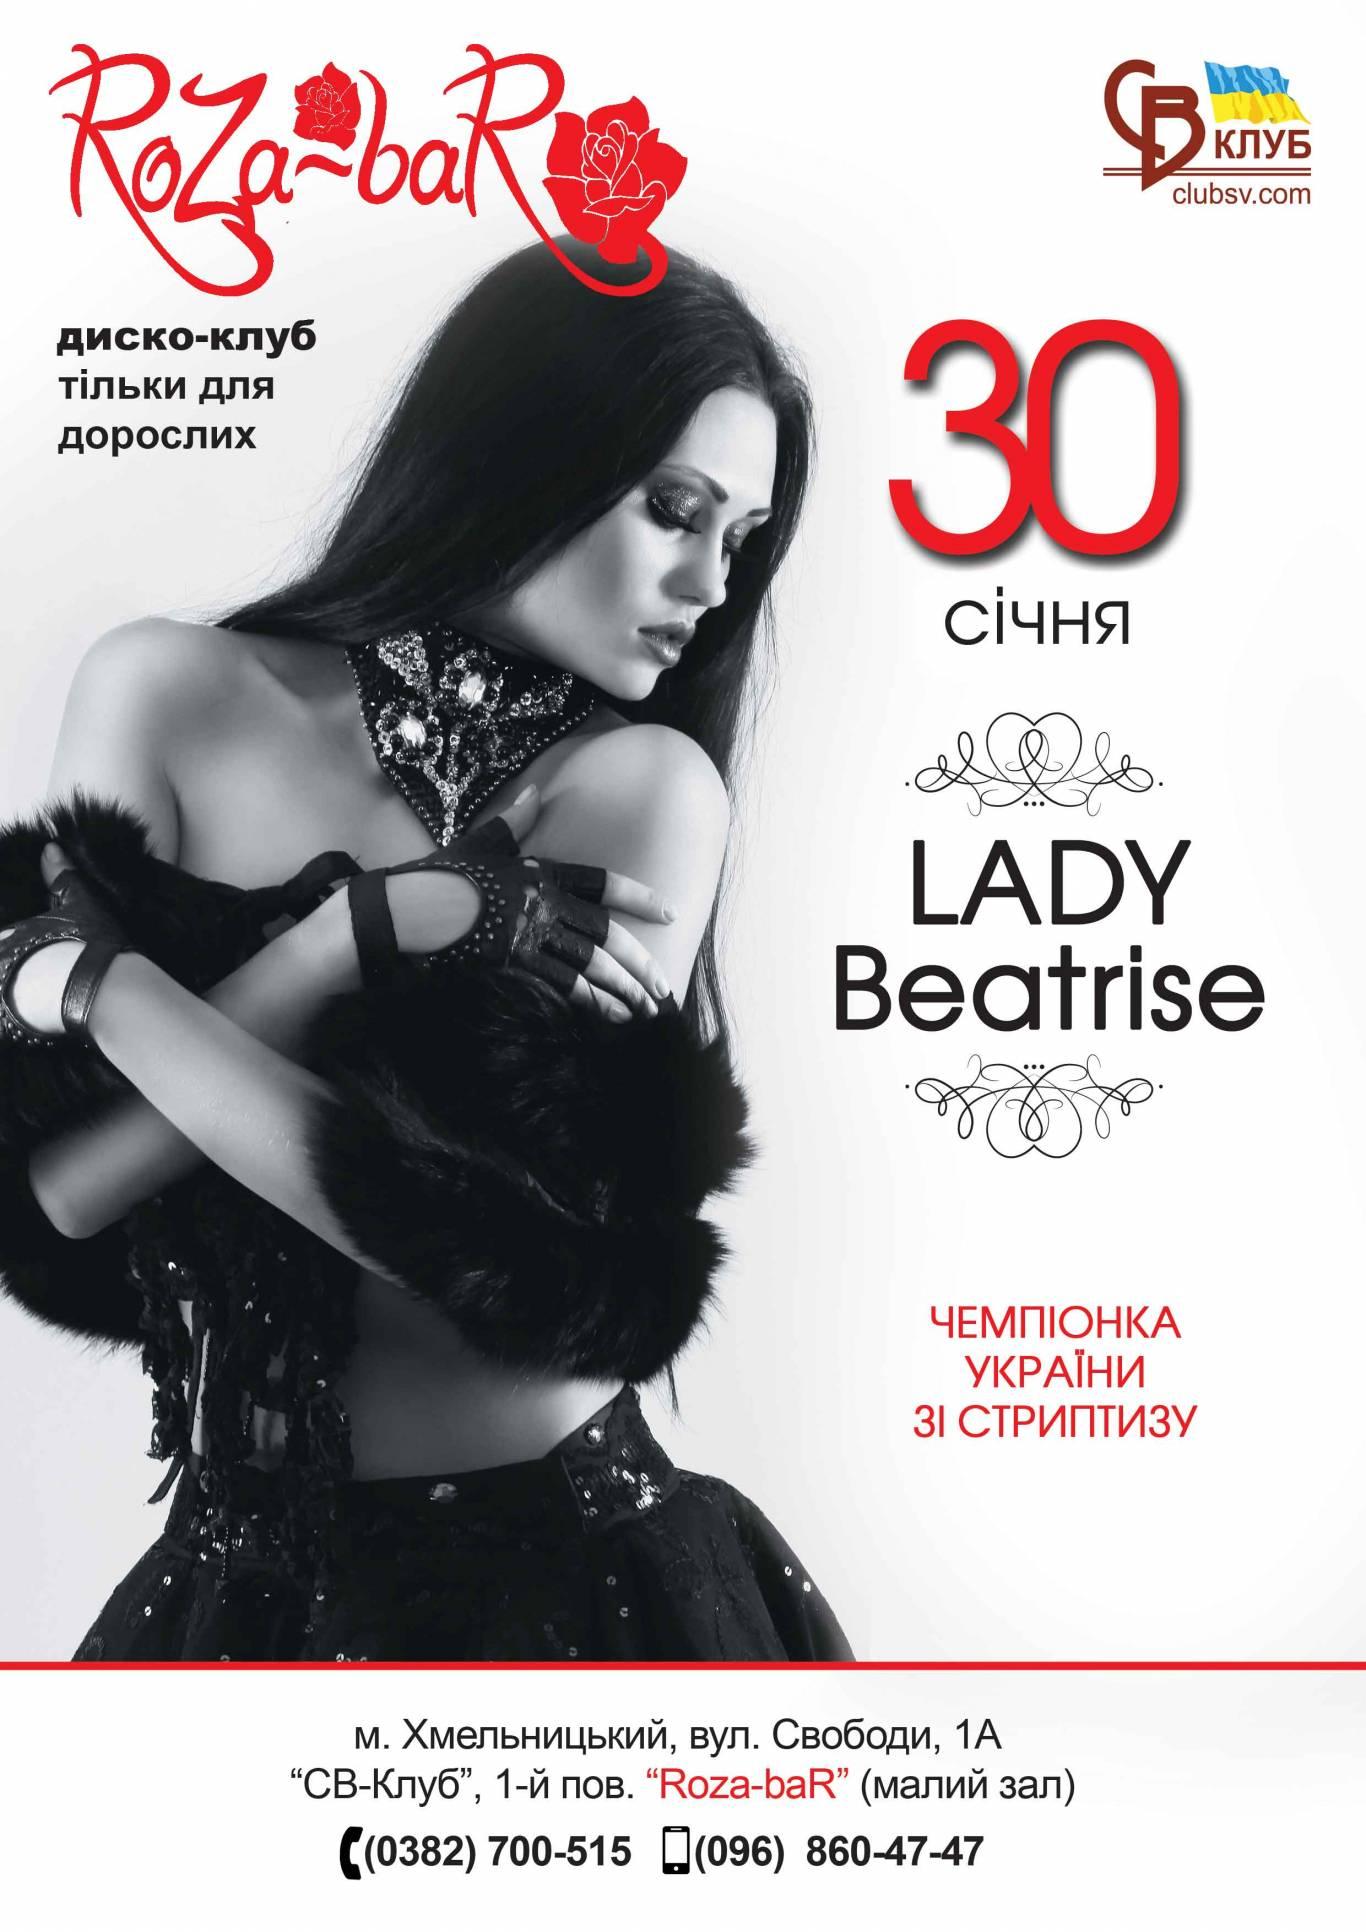 Еротичне шоу від Lady Beatrise